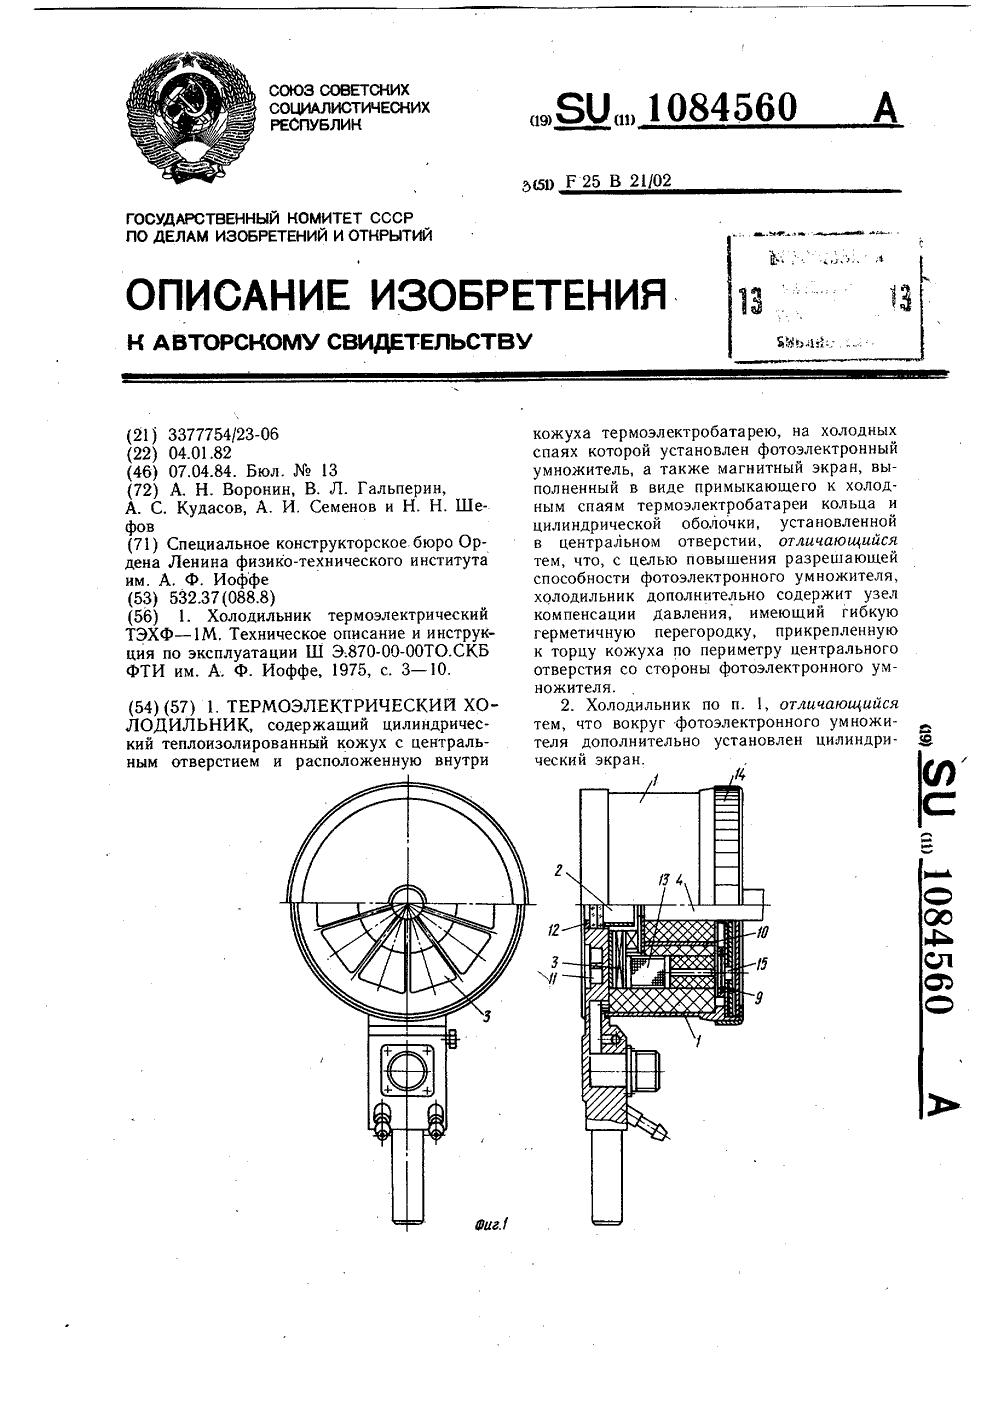 геркон схемы vки